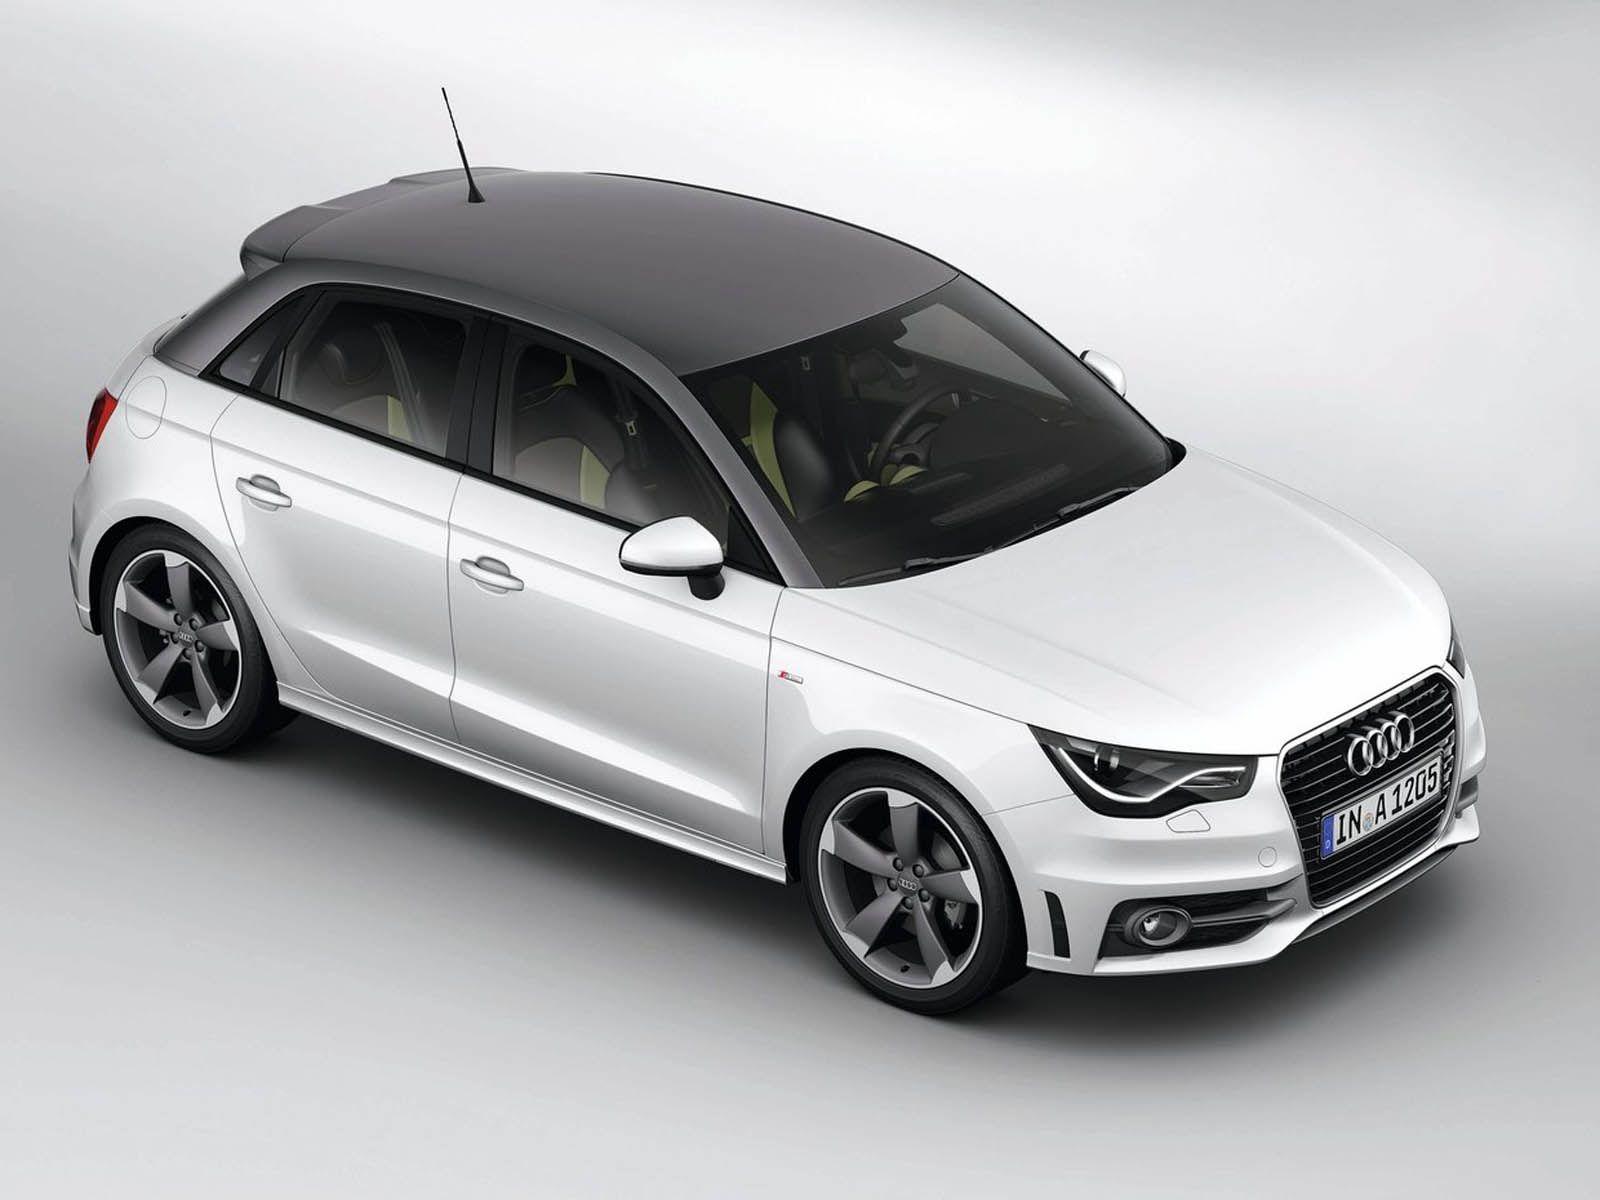 Audi Wallpapers Audi A1 Sportback White Wallpaper 1600 1200 141 Kb